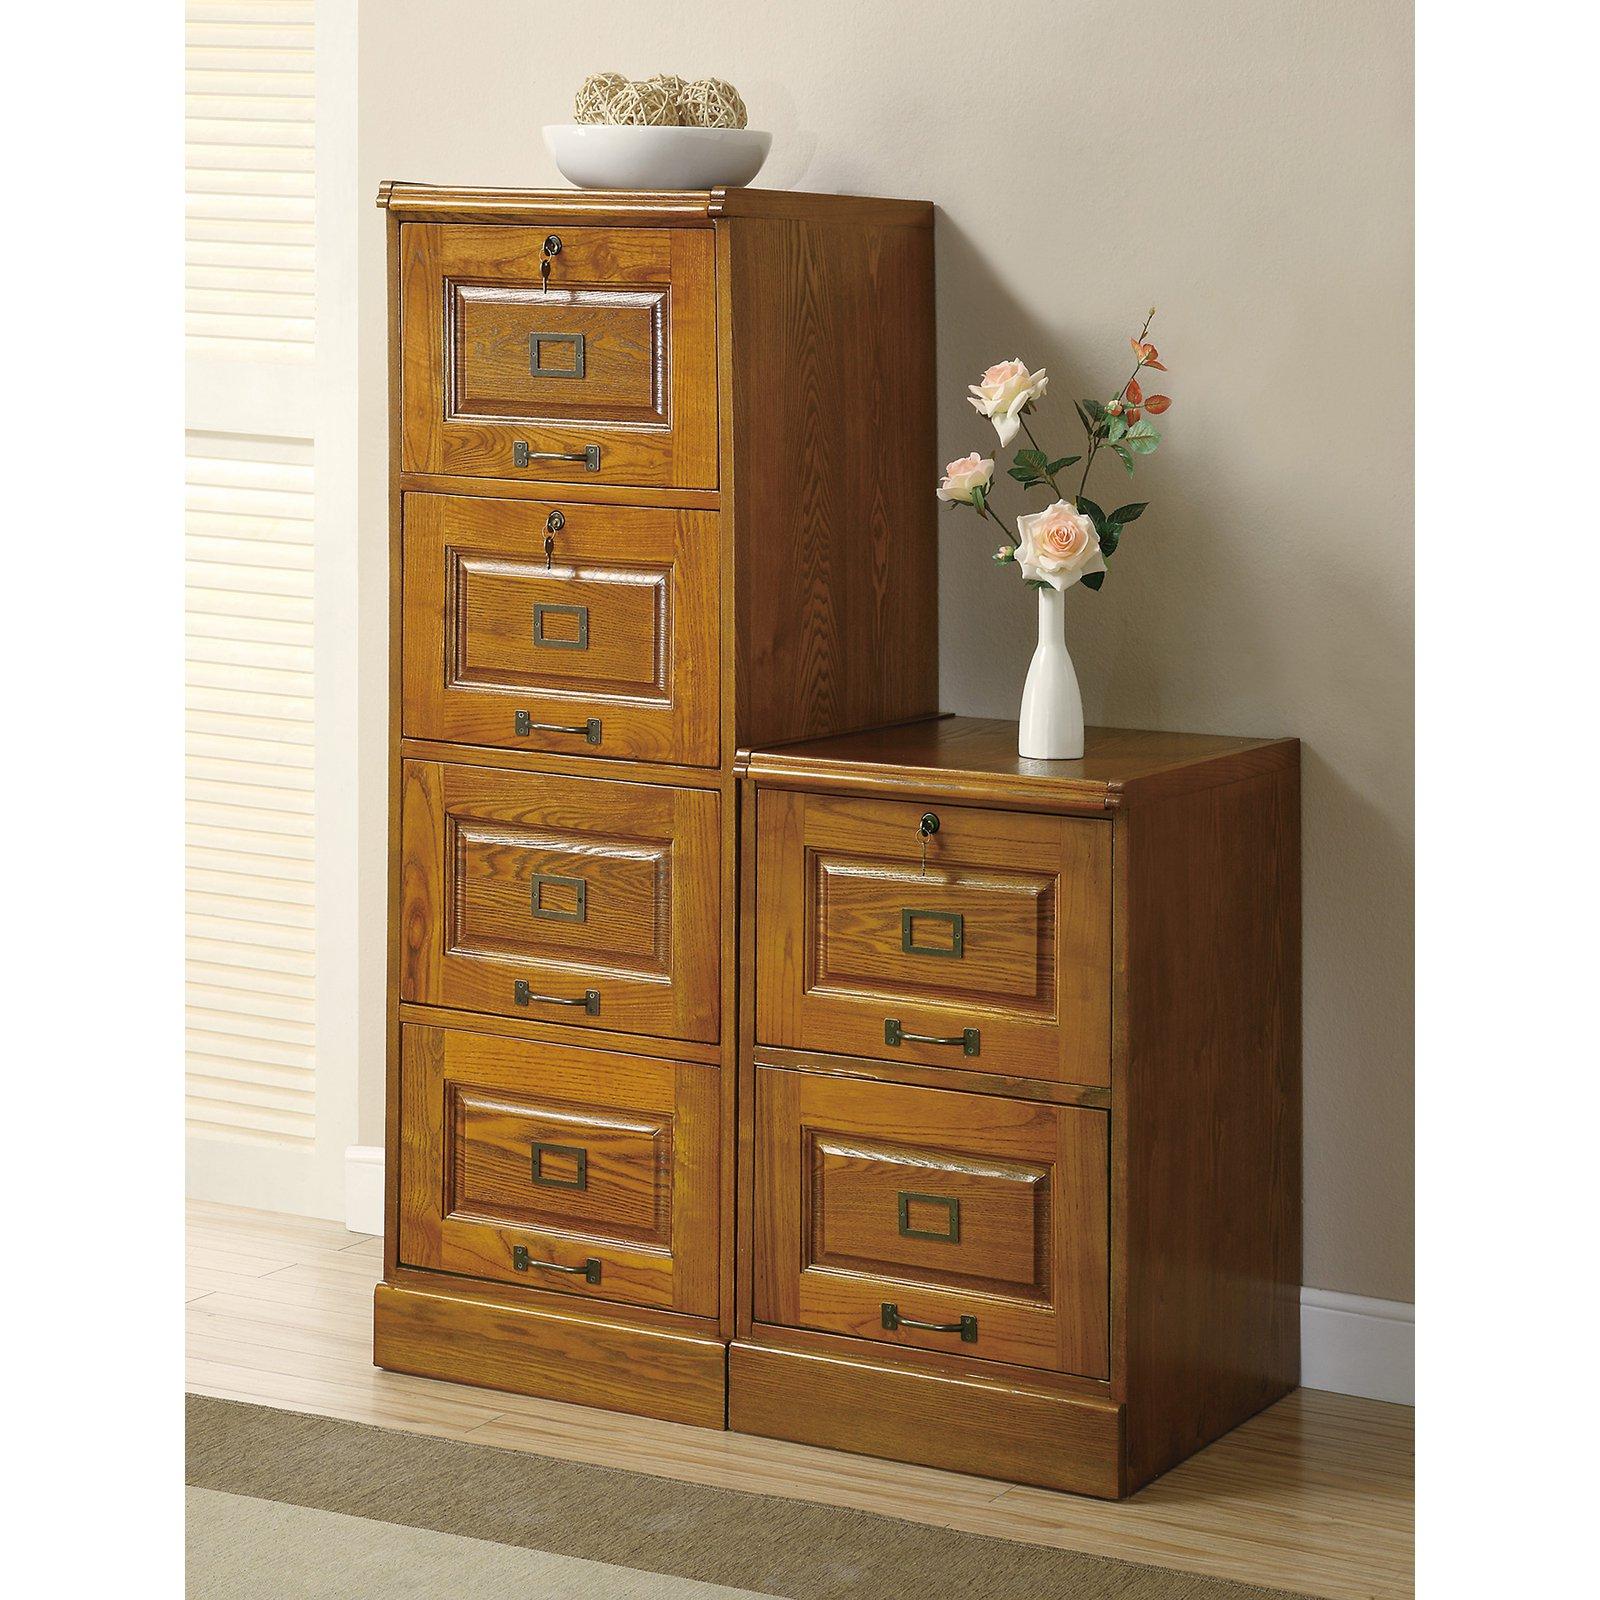 Coaster Furniture Warm Honey Locking 2 Drawer File Cabinet